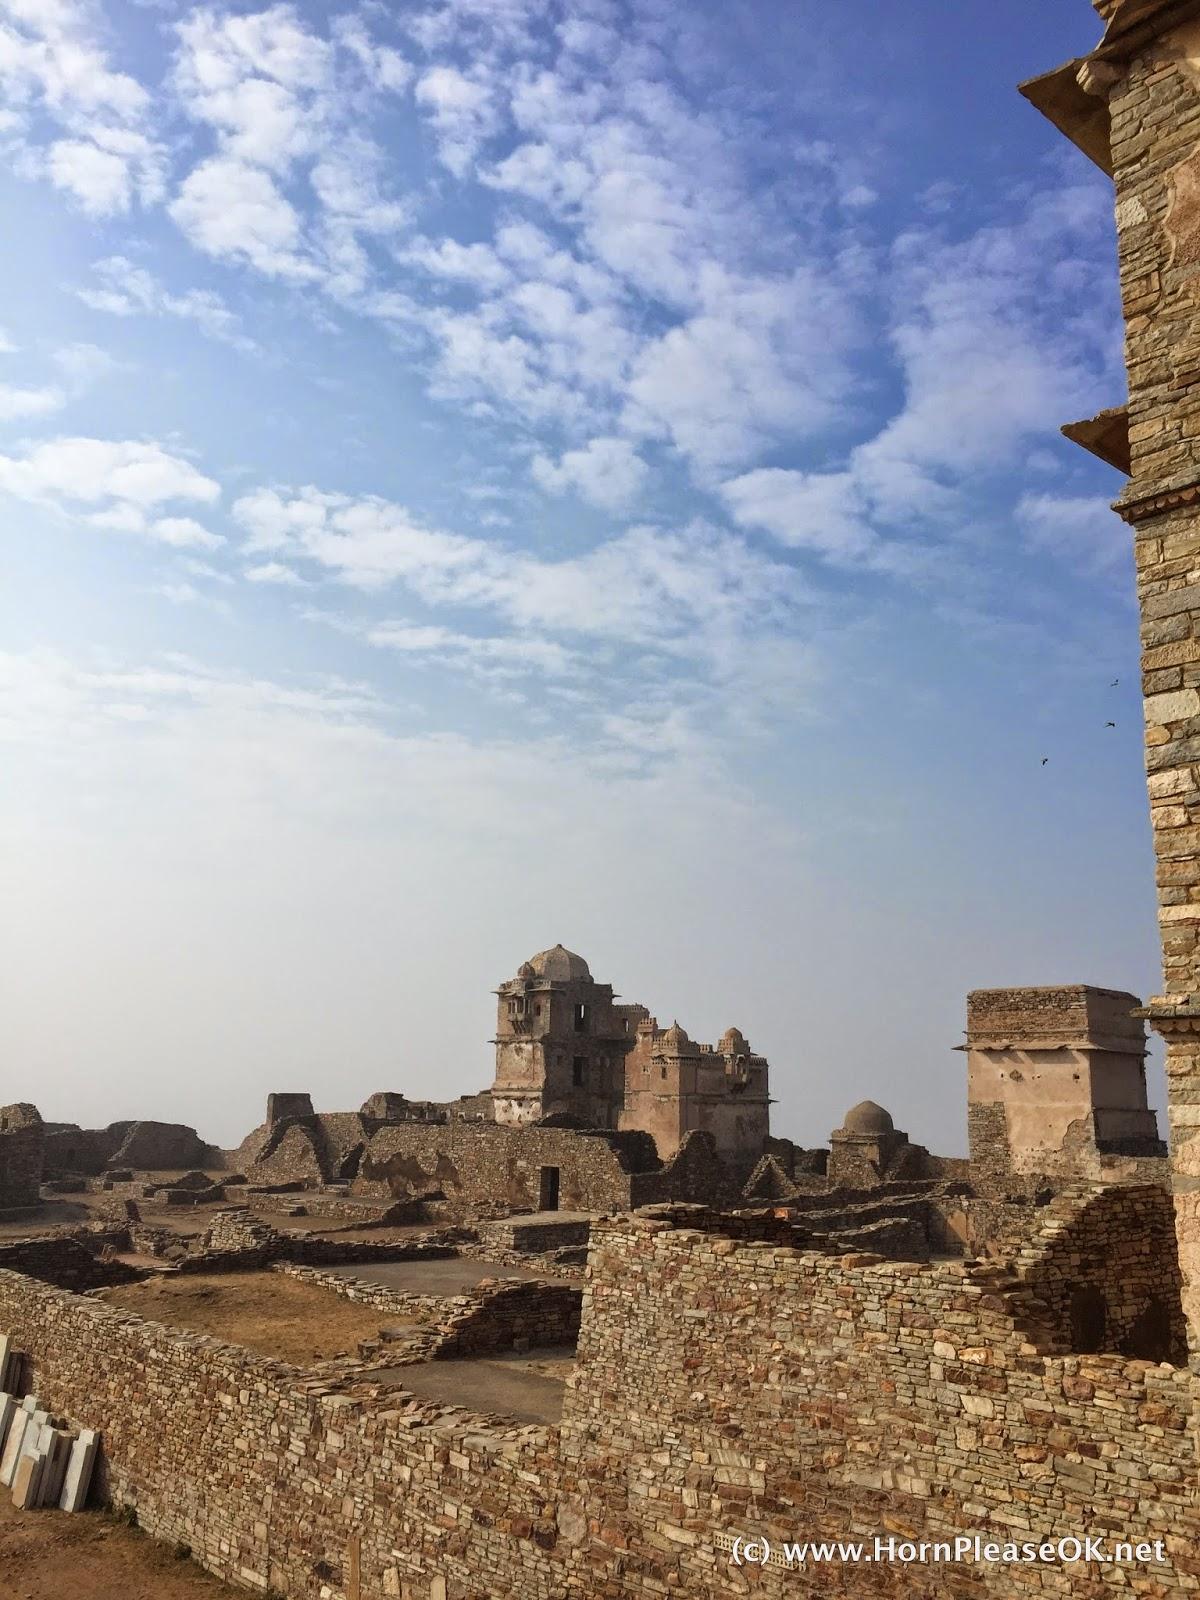 Mirabai's Palace, Chittorgarh